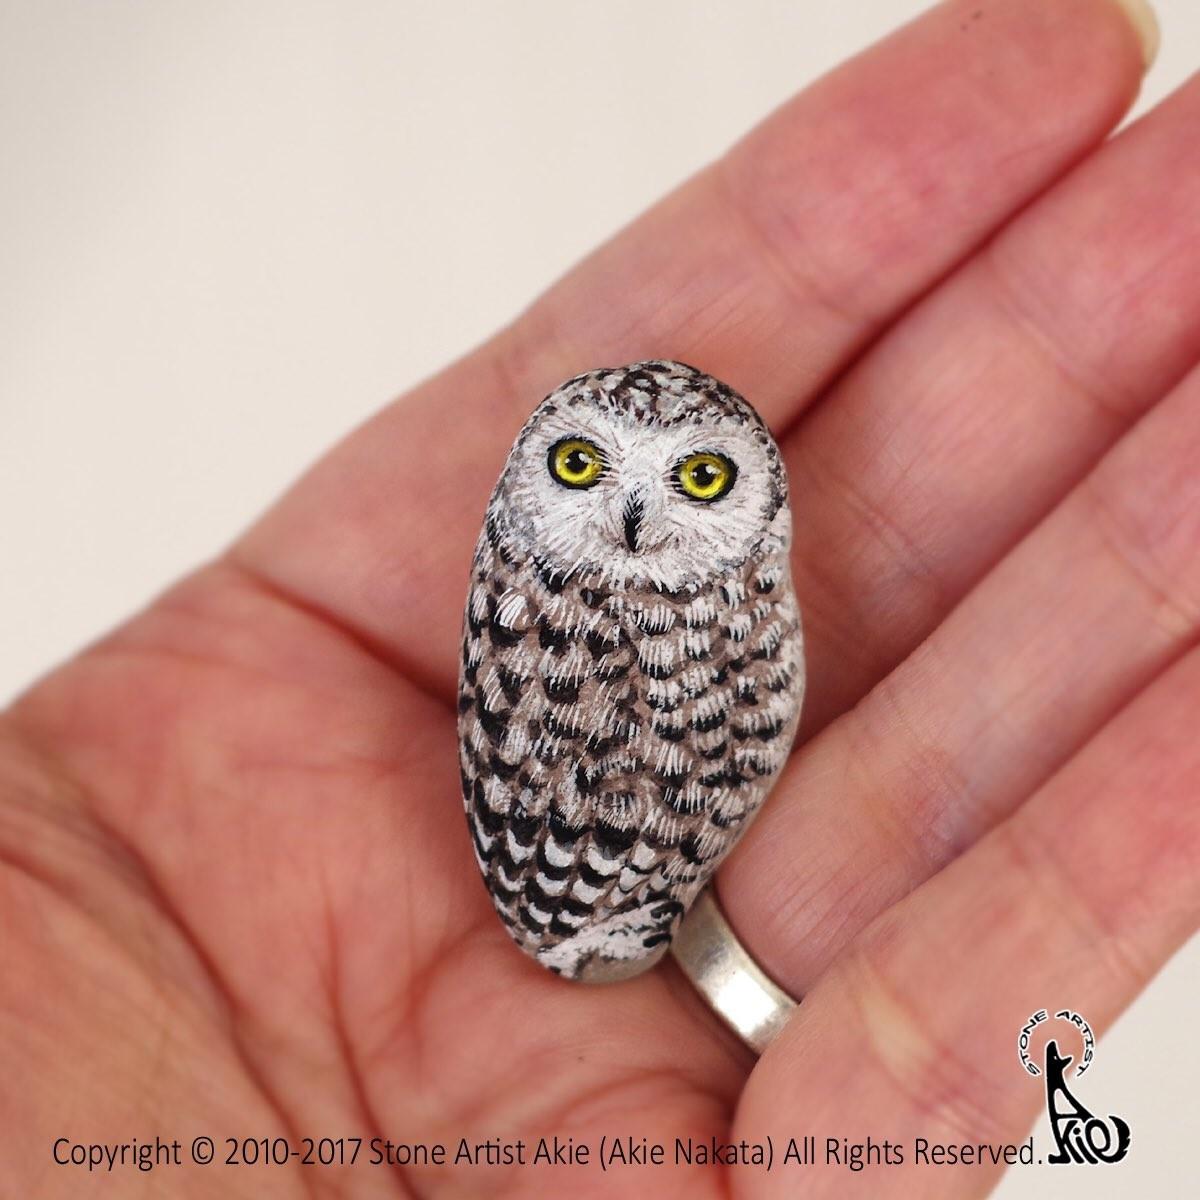 ▲▼藍色鳥鳥在手裡融化啦♪ 仔細看…唉呀怎麼是石頭(圖/翻攝自Twitter)